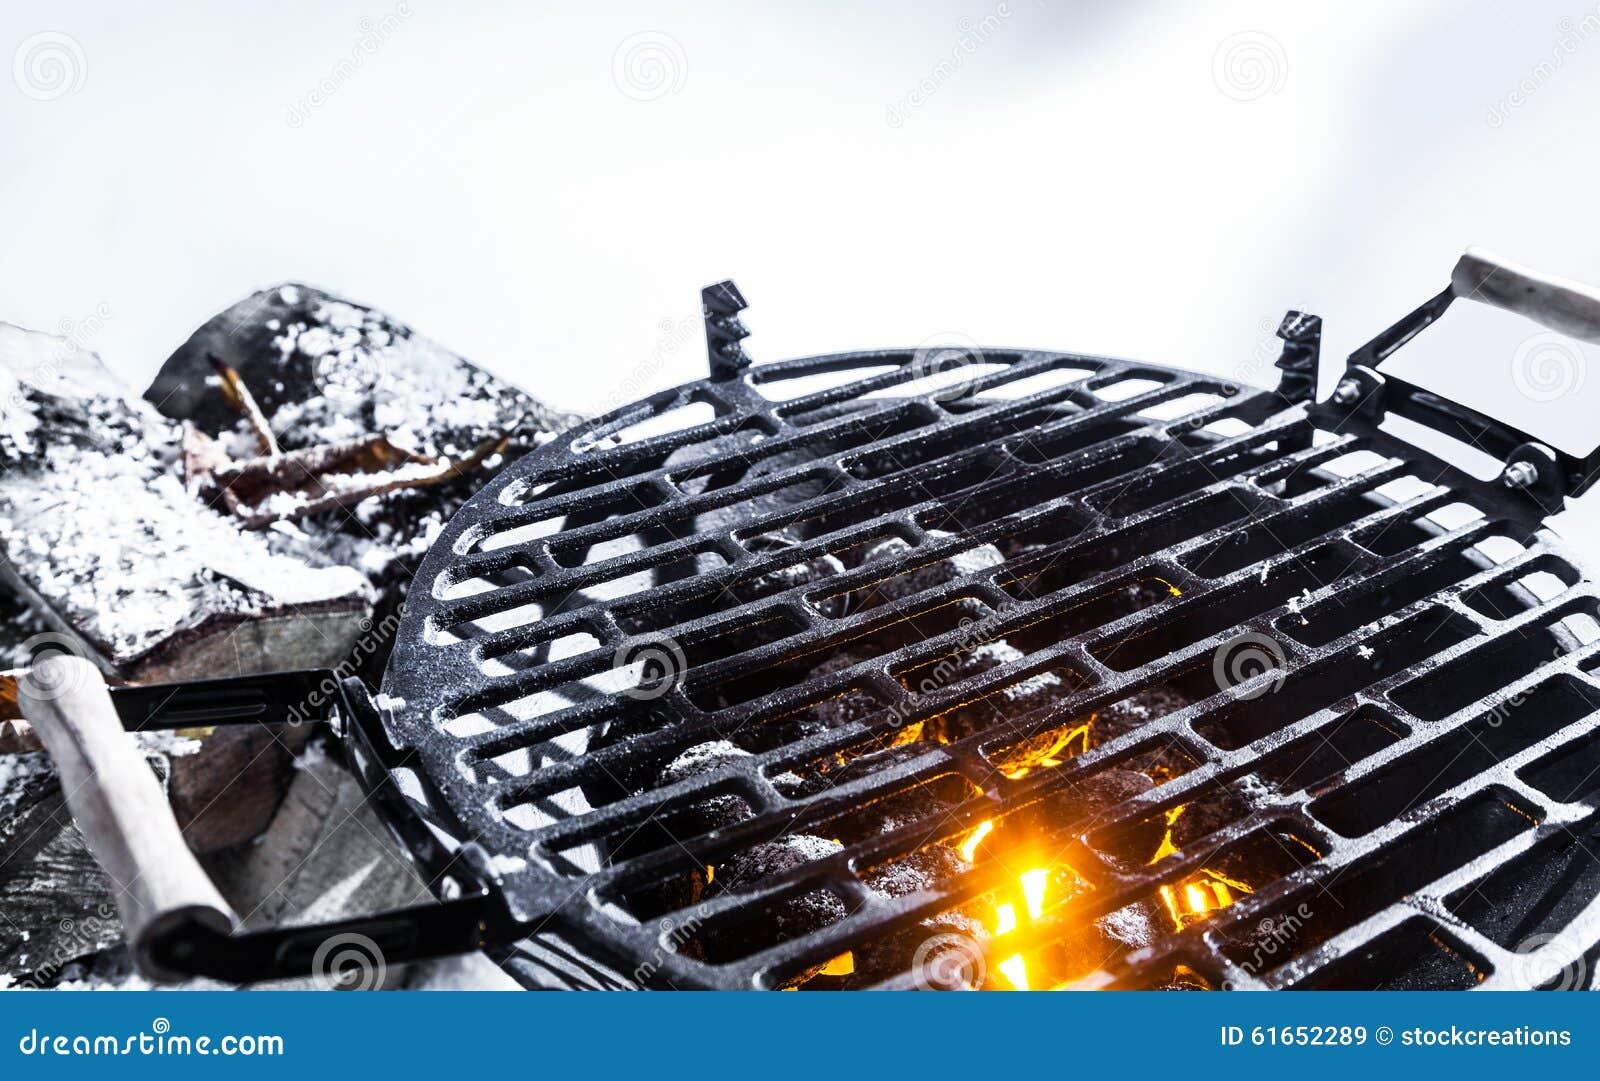 Carvões quentes em um BBQ fora no inverno